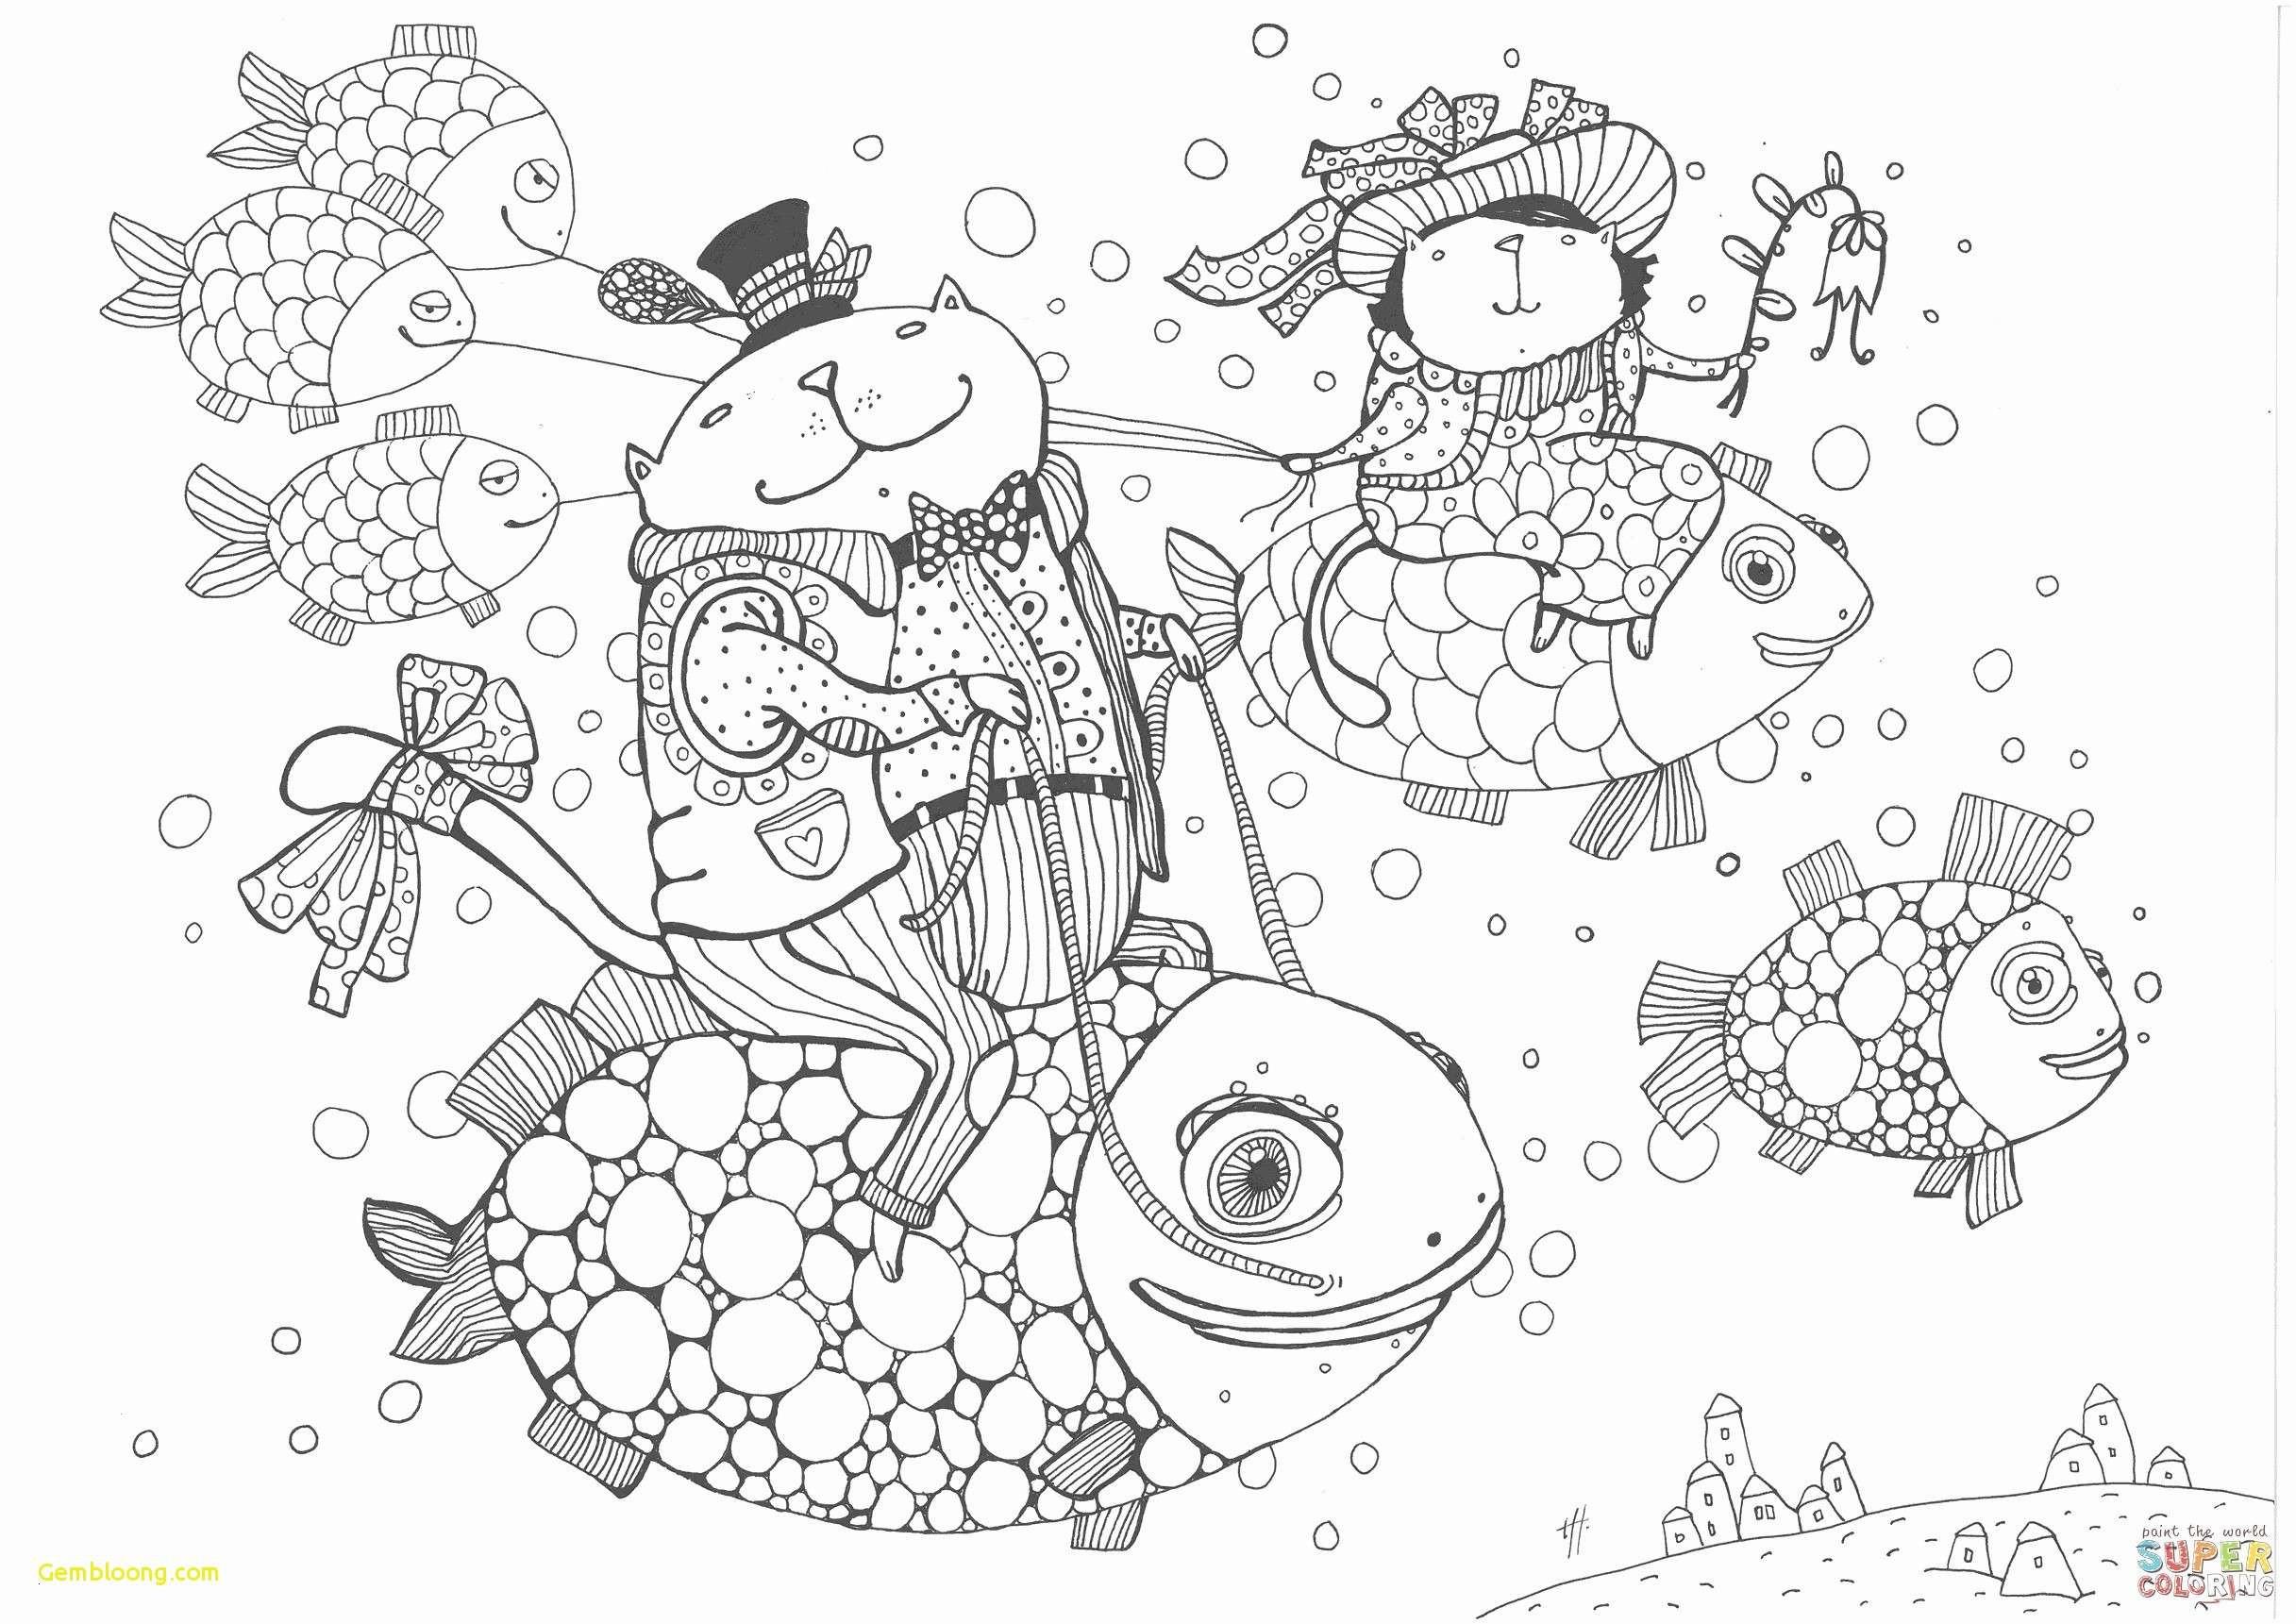 Pferde Ausmalbilder Mit Reiter Genial Window Color Malvorlagen Frisch Free Big Christmas Coloring Pages Fotos